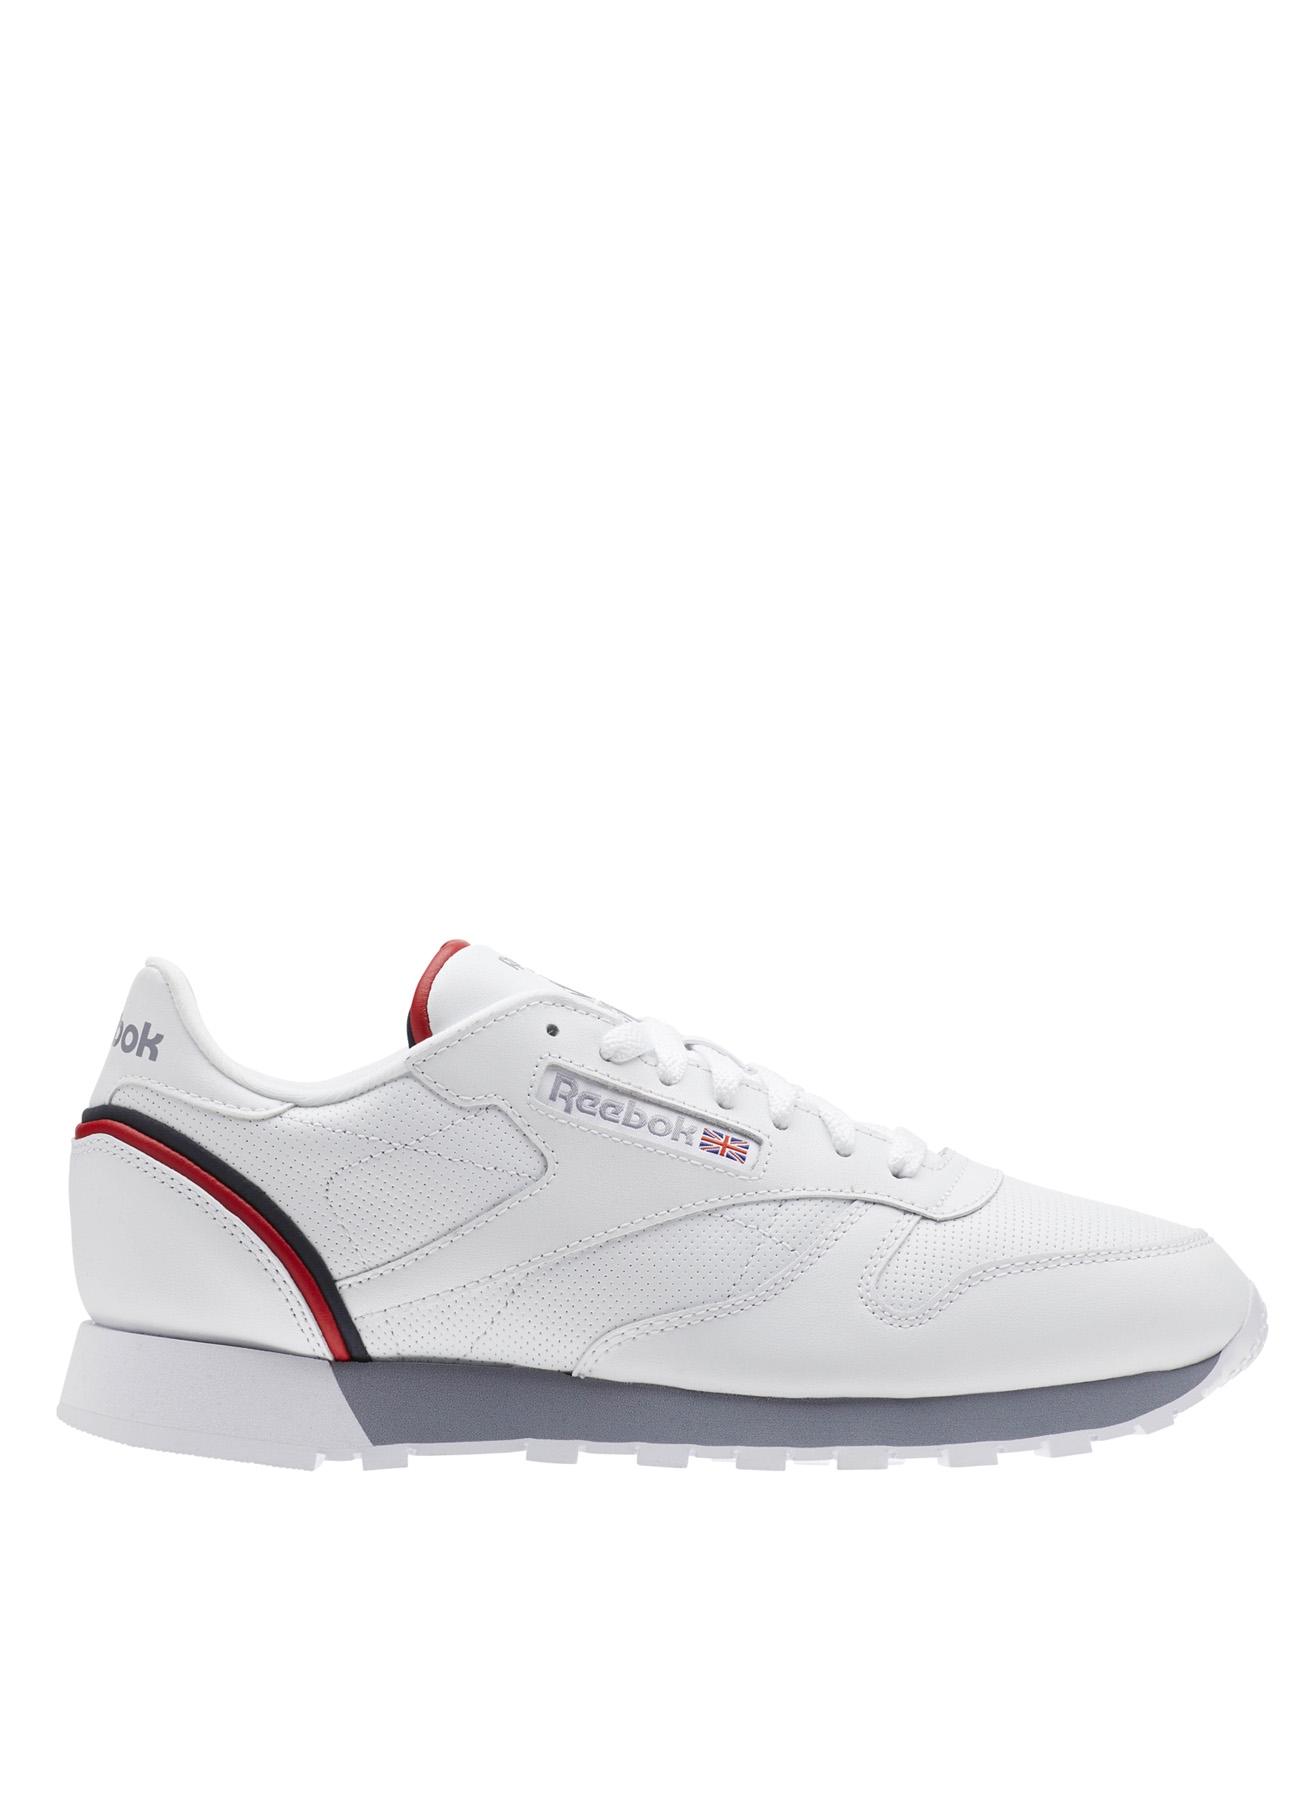 Reebok CL Leather Mu Lifestyle Ayakkabı 43 5001633270006 Ürün Resmi